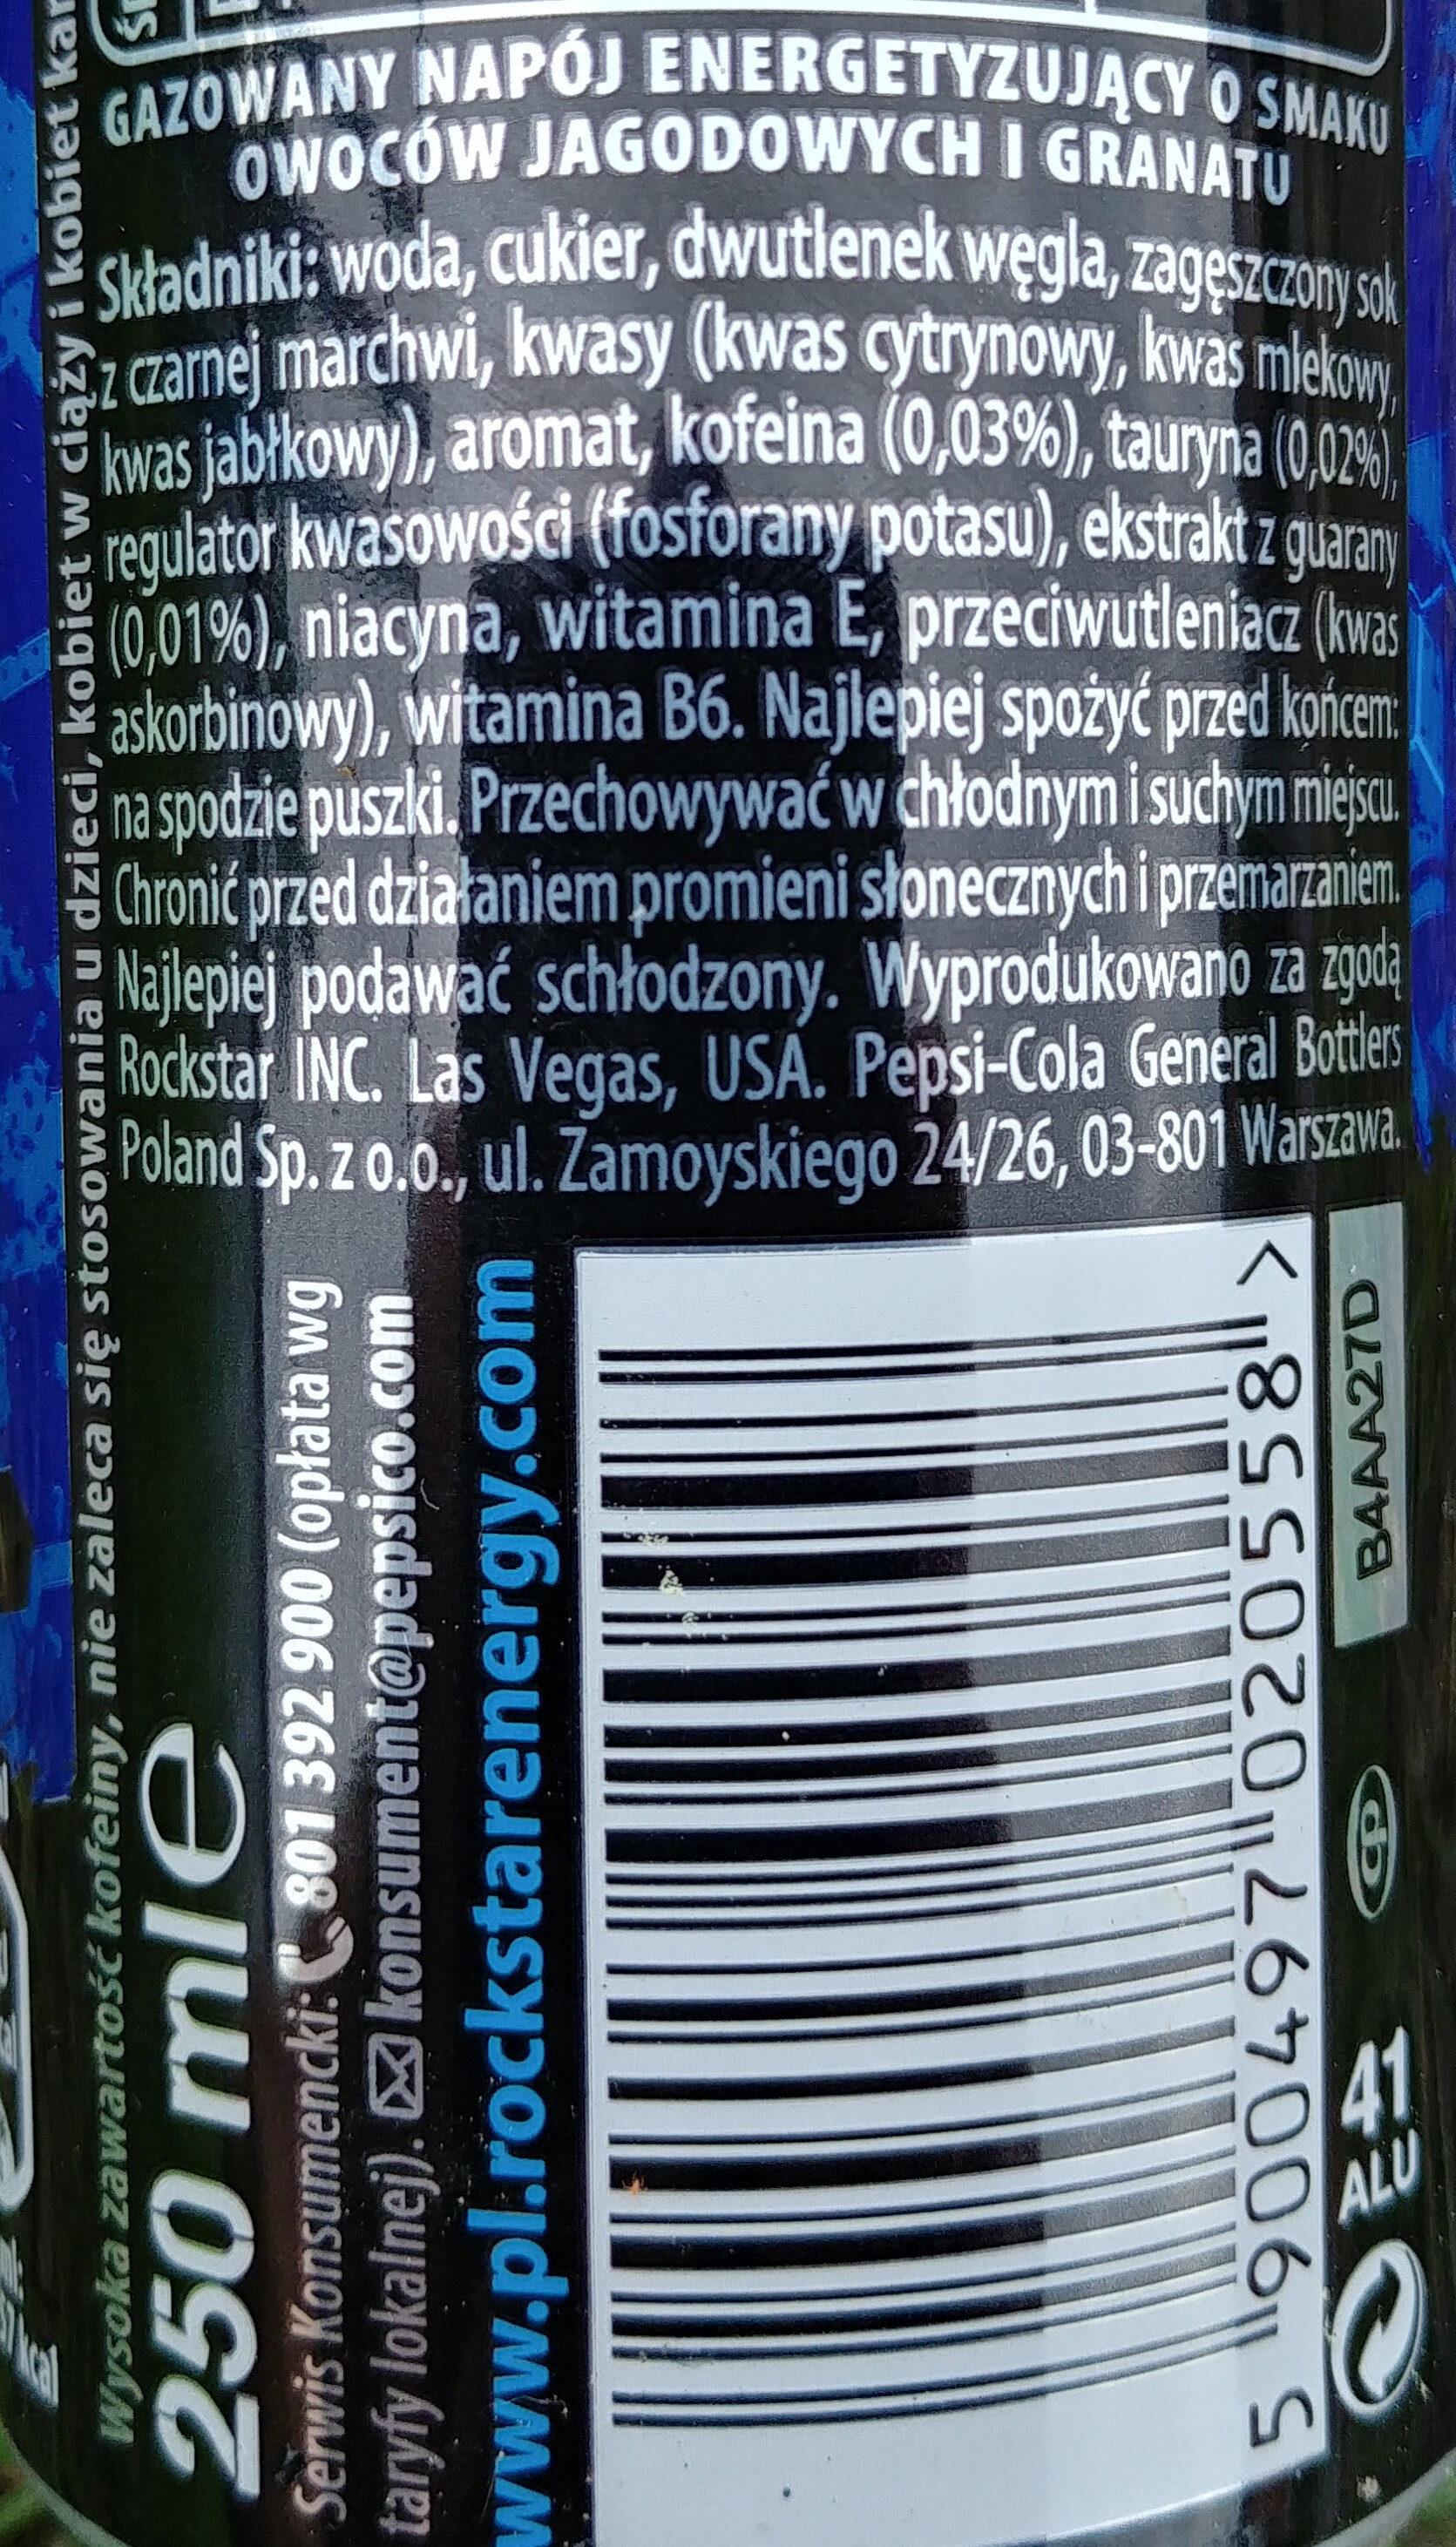 Gazowany napój energetyzujący o smaku owoców jagodowych i granatu - Składniki